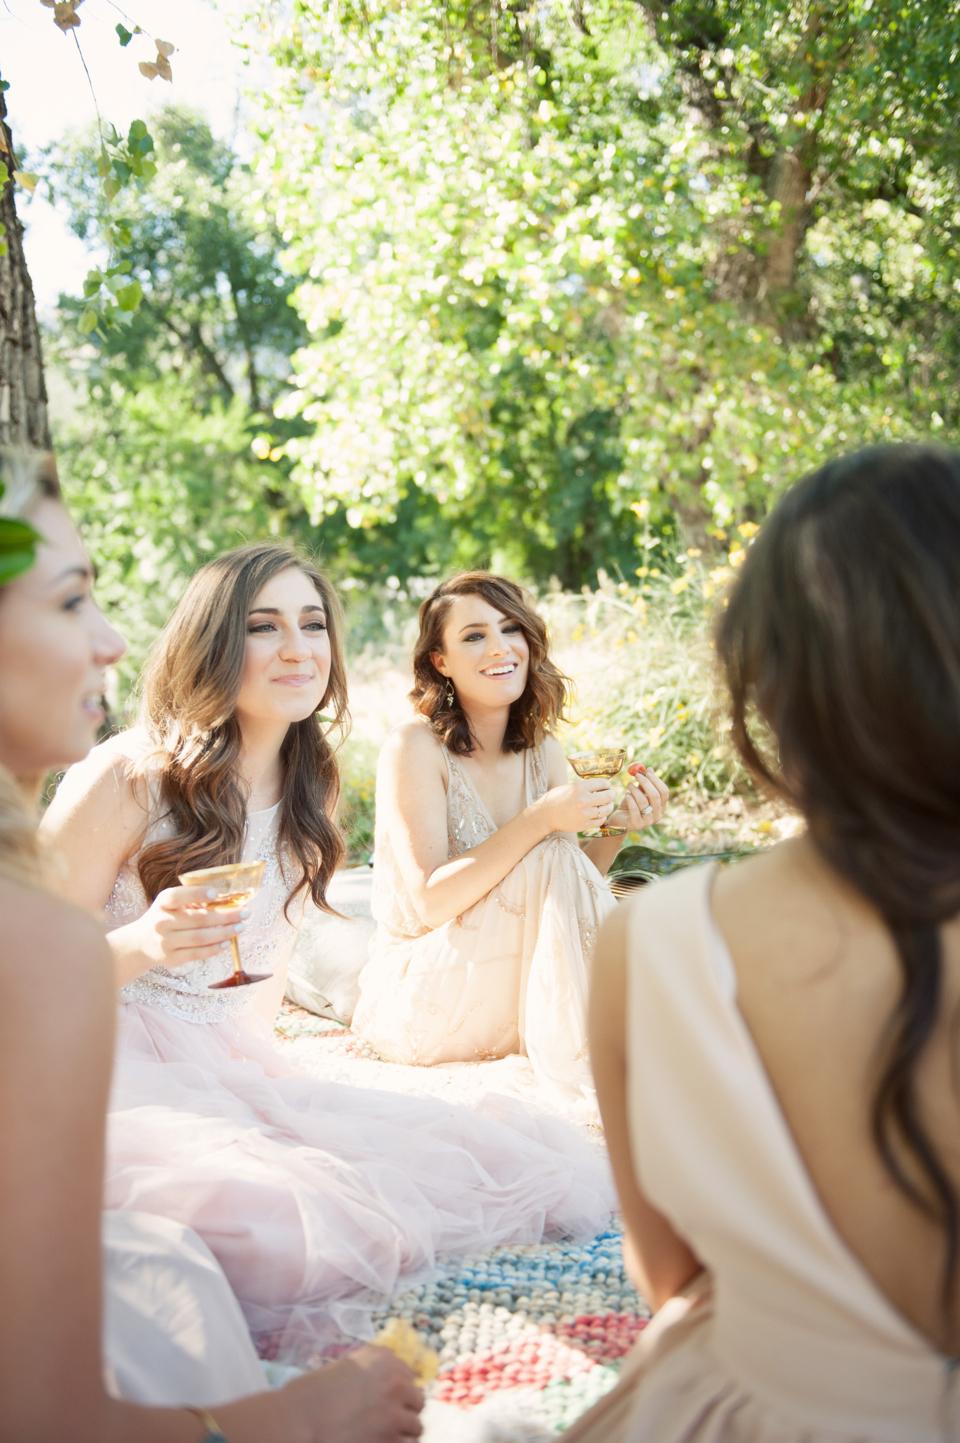 citnb-bhldn-bridesmaid-dresses-nude-27